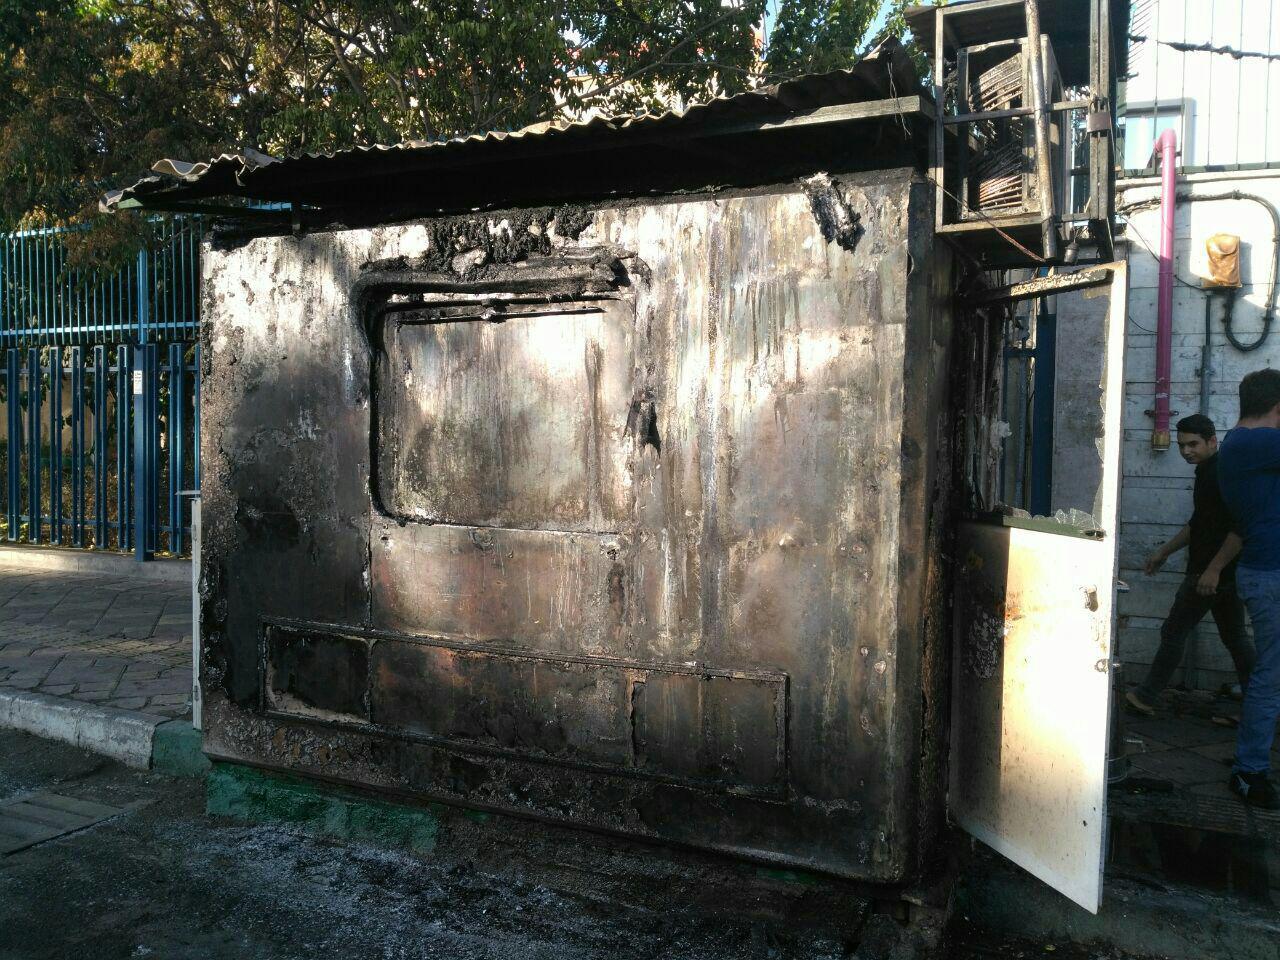 آتش سوزی کارگاه تاسیسات در خیابان خاوران/ سوختن 4 خودرو و یک موتورسیکلت